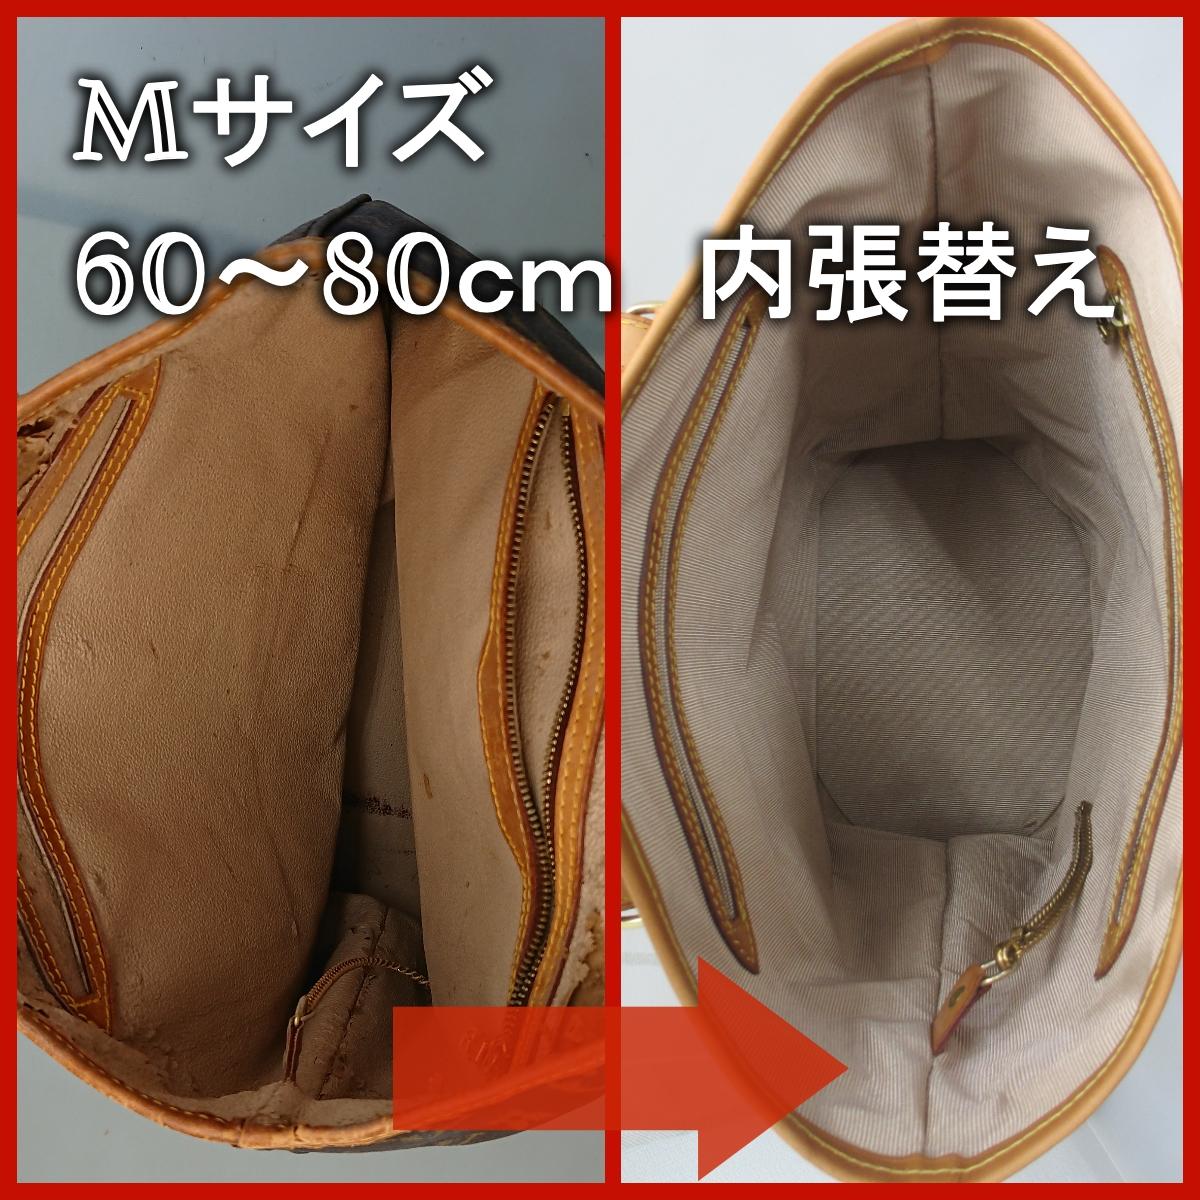 9de814cc3e3b 楽天市場】バッグの修理 【内側張り替え】Mサイズ 17,600円~ 鞄 かばん ...